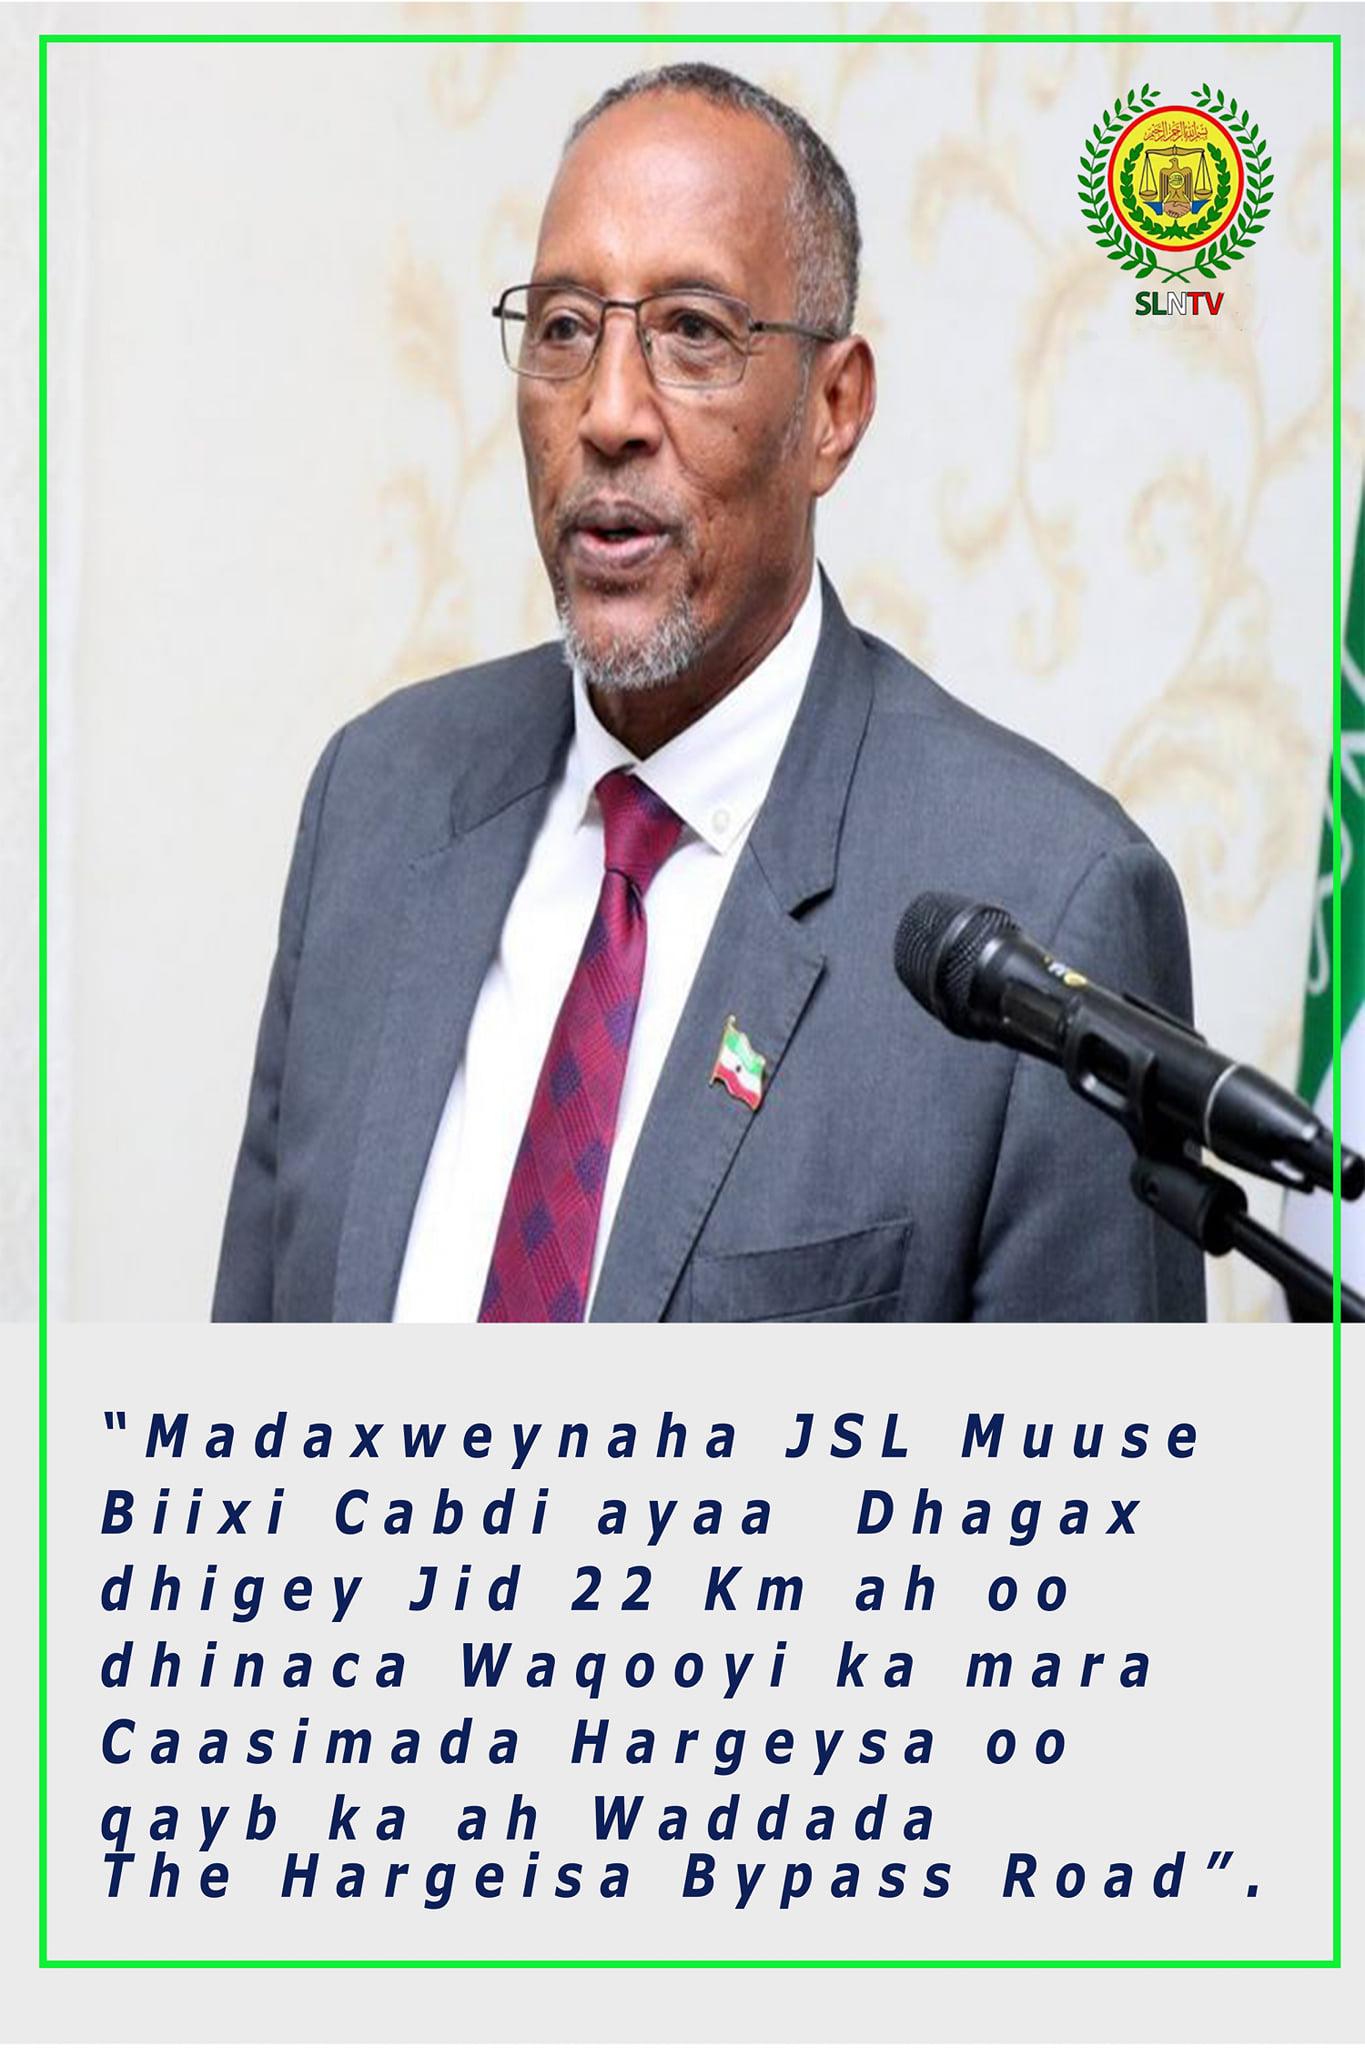 Madaxweynaha Somaliland Oo Fariin U Diray Ganacsatada Dalka & Nuxurka Ay Daaran Tahay